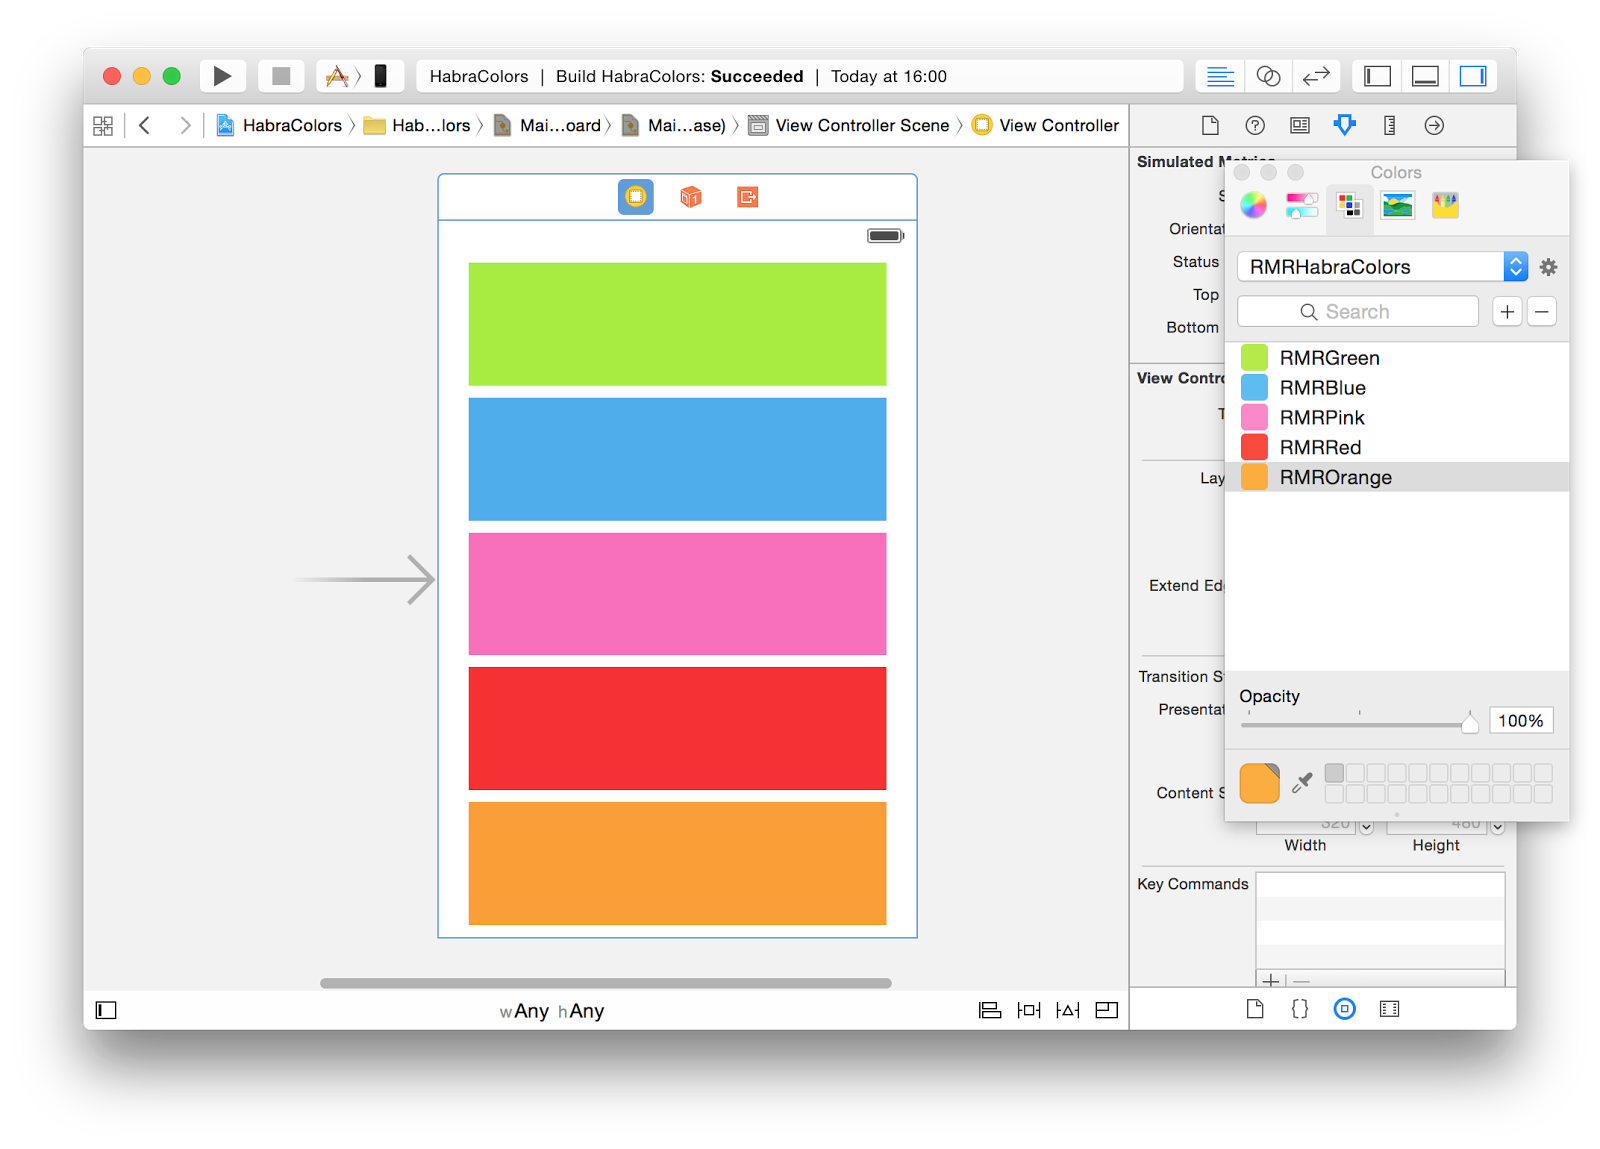 Стилизация iOS-приложений: как мы натягиваем шрифты, цвета и изображения - 8